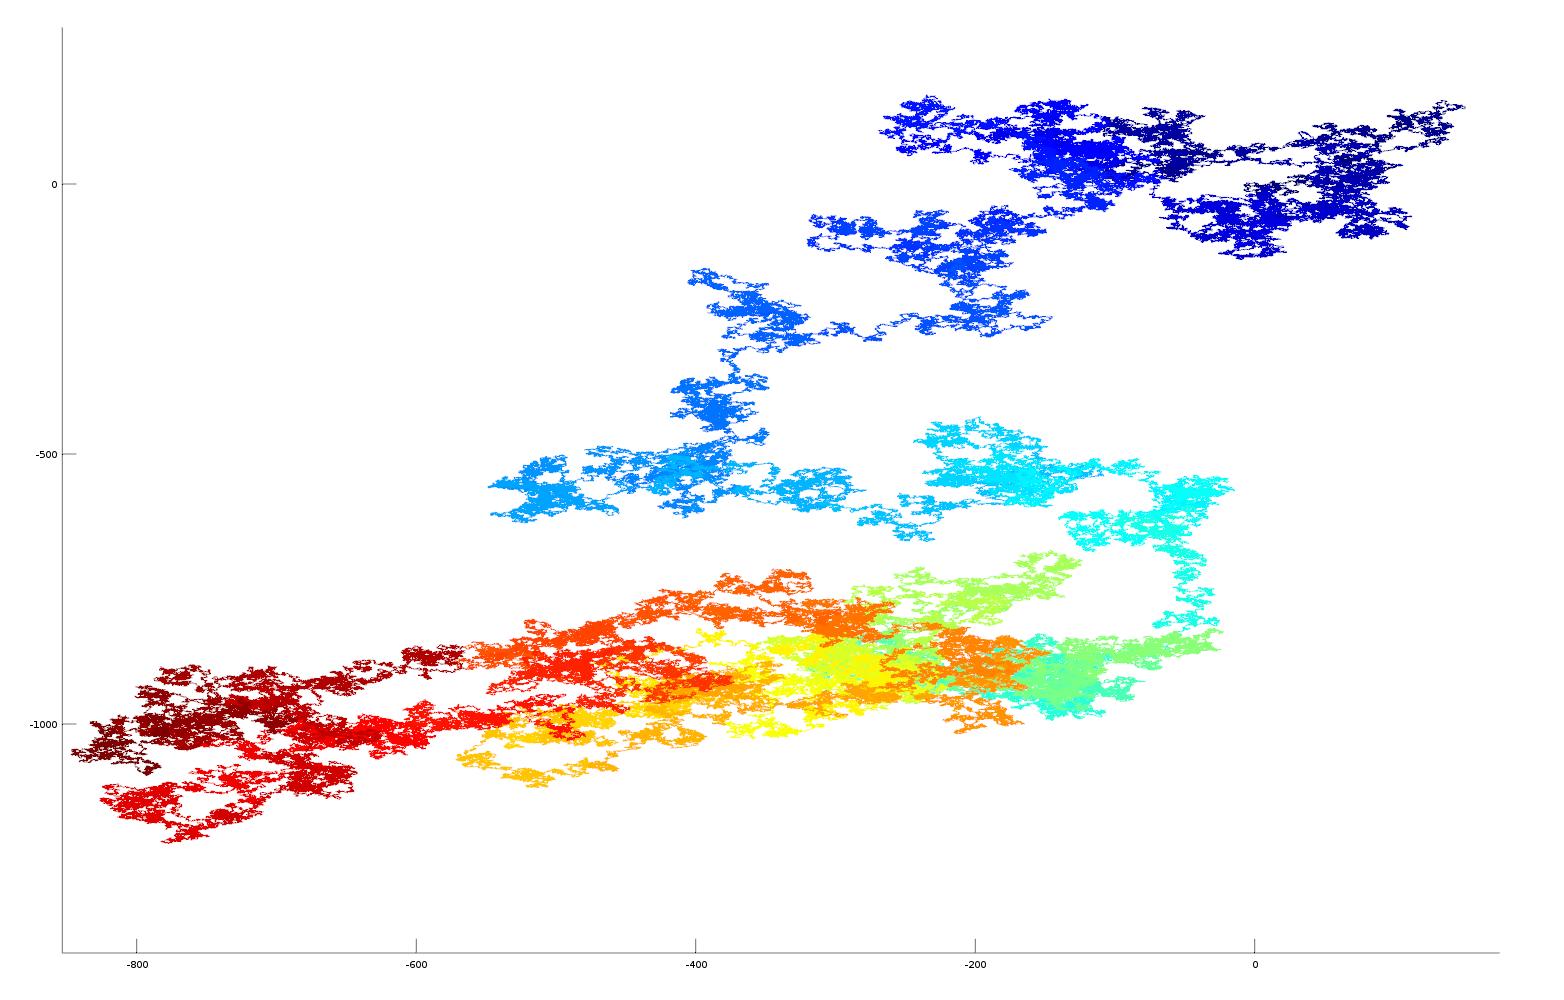 2D plot of pi as vector